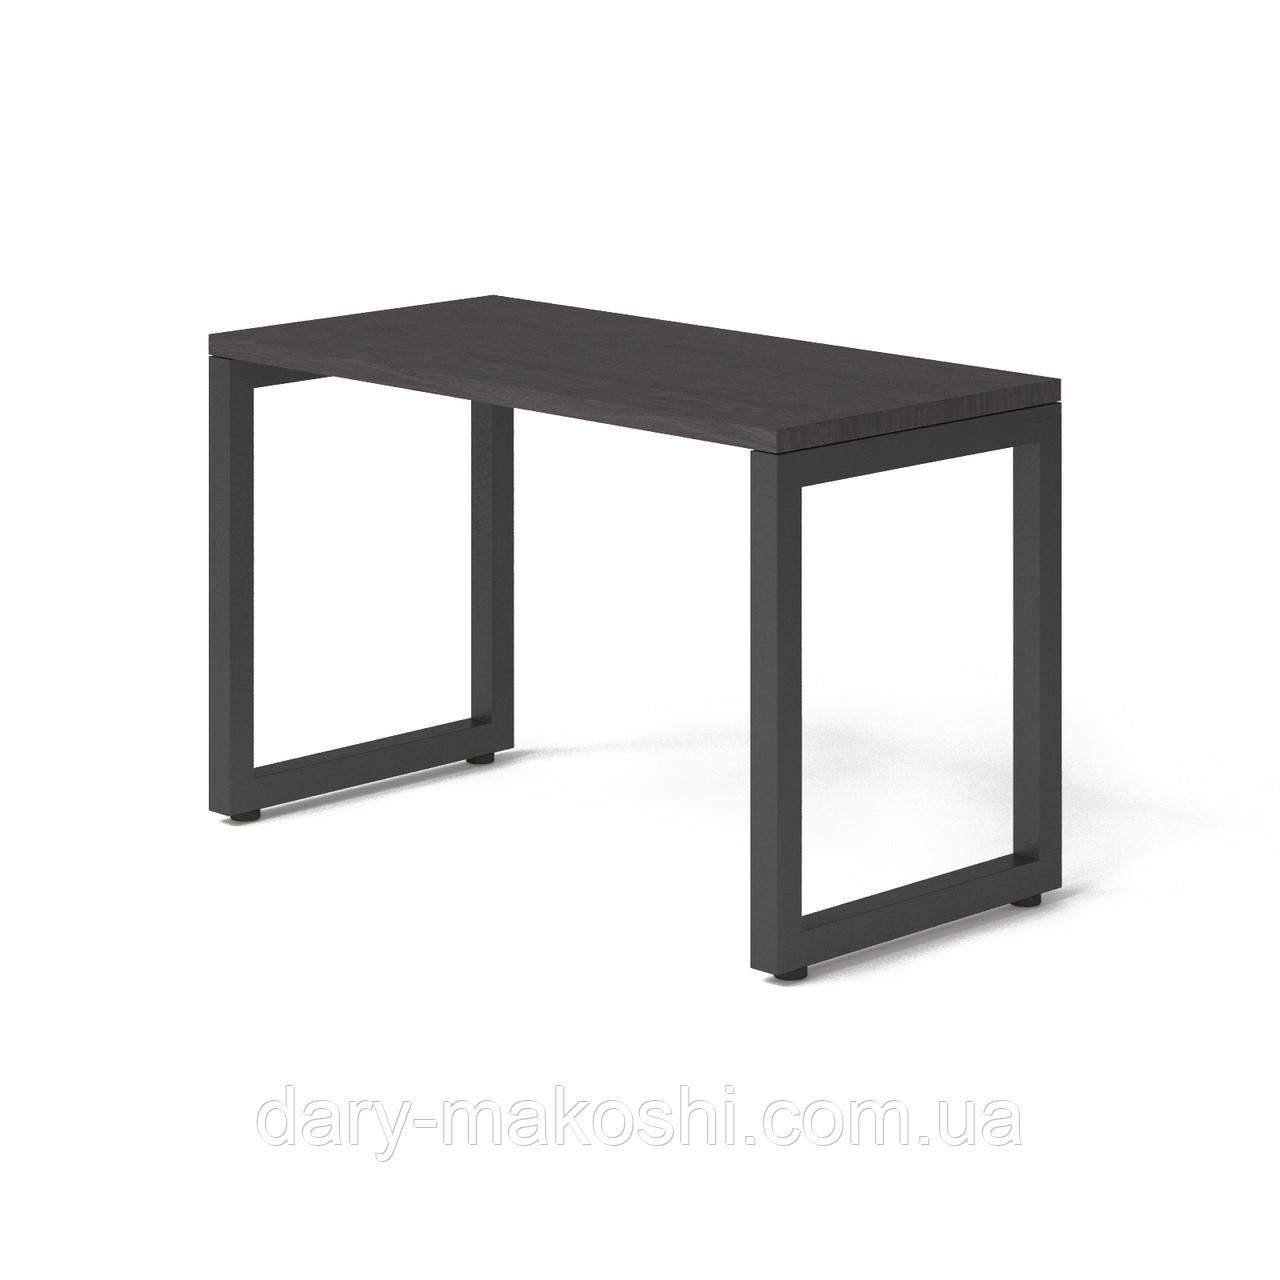 Стол Тавол КС 8.3 металл опоры черные 120смх60смх75см ДСП 32 мм Венге